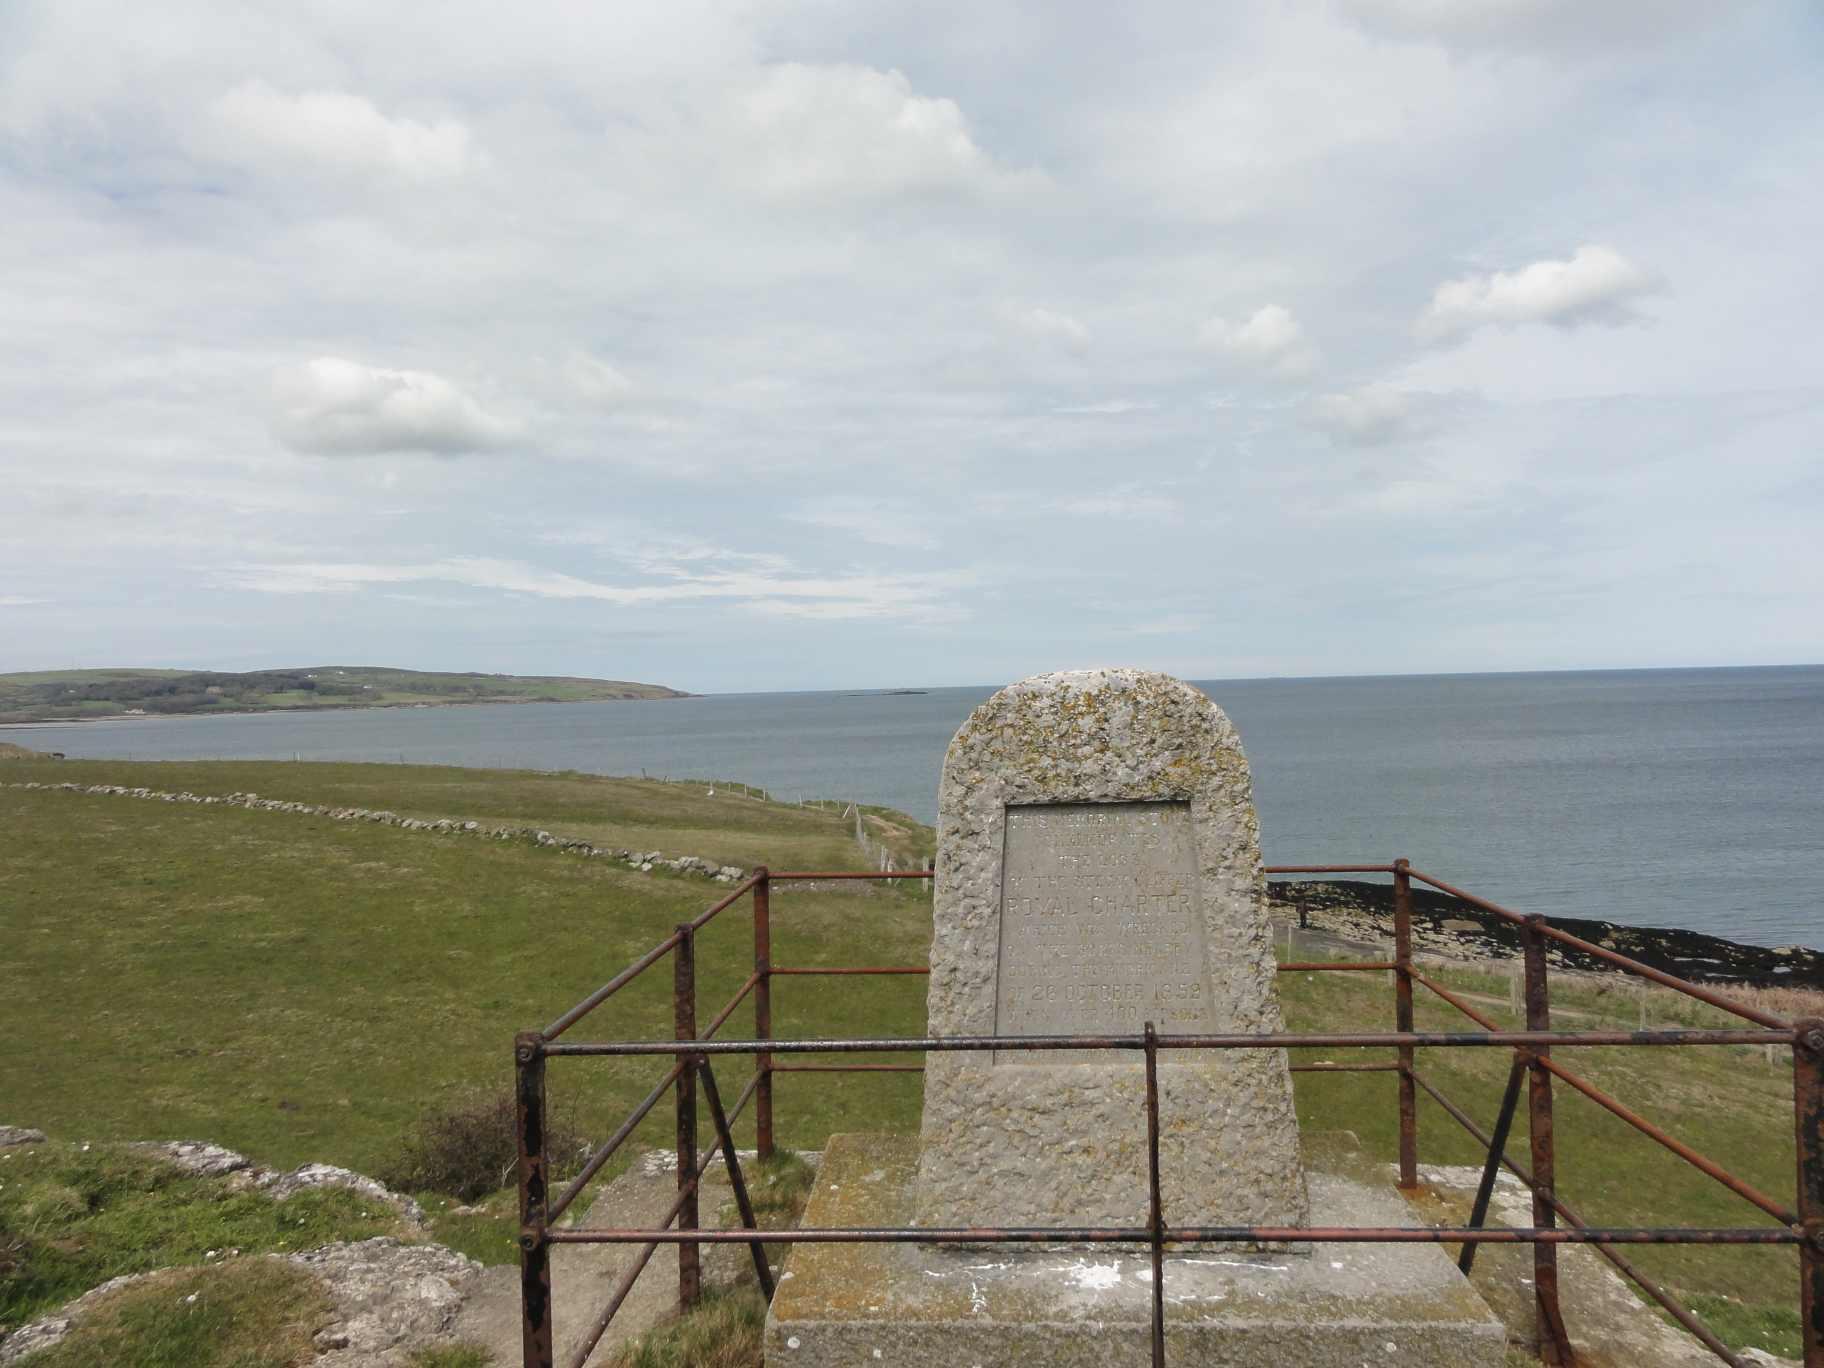 Plas Lligwy  Moelfre Anglesey  Score 35  Motorhomedreamer